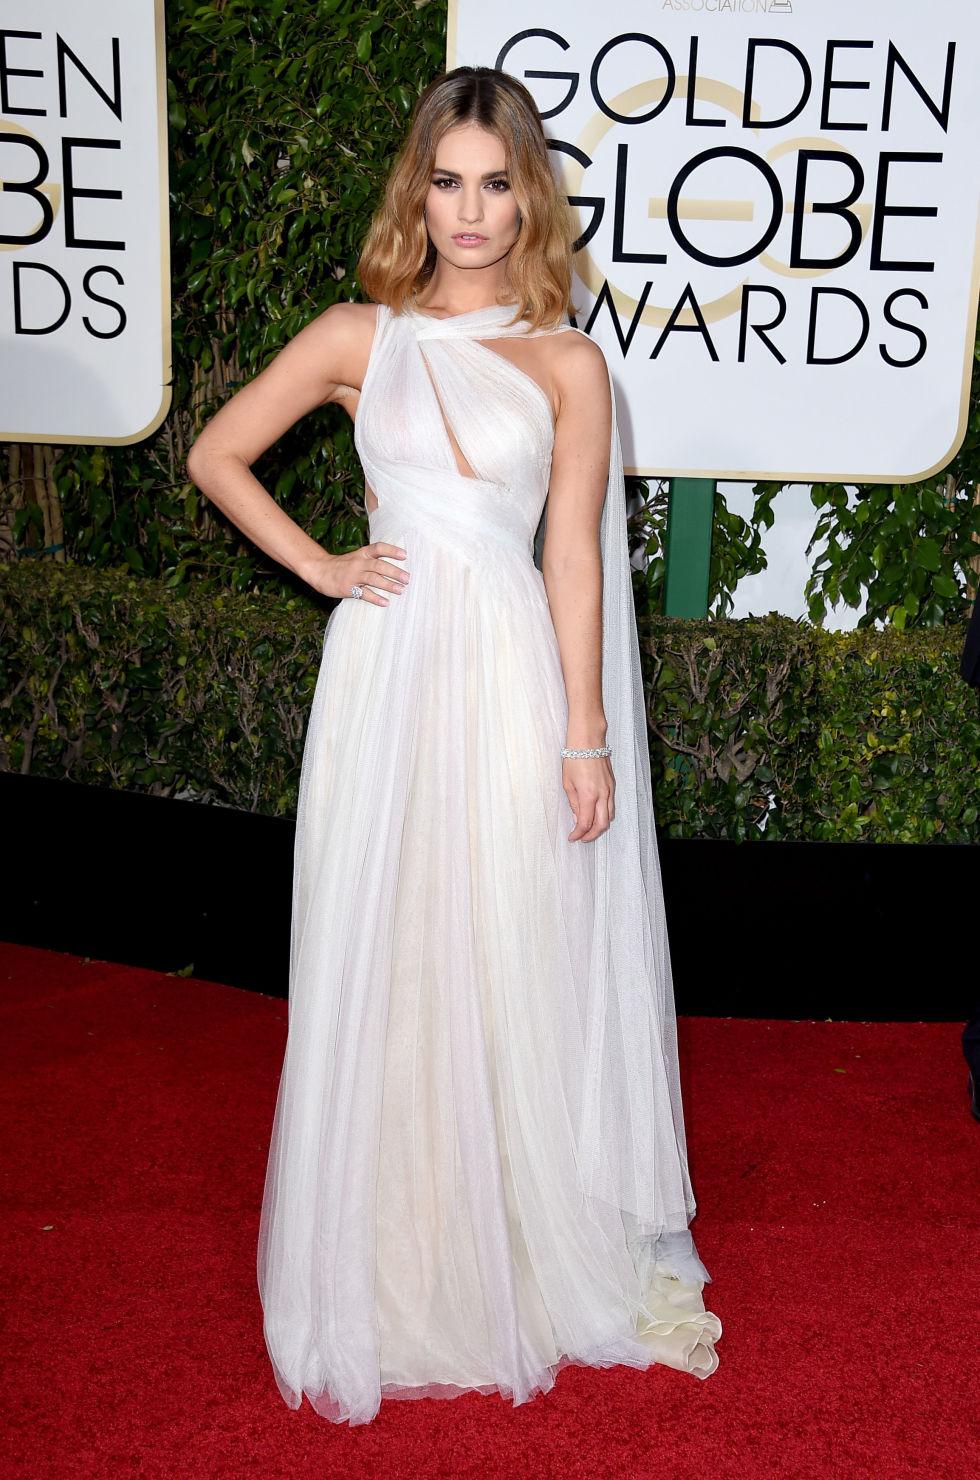 Golden Globes Fashion 2016 - Golden Globes Red Carpet